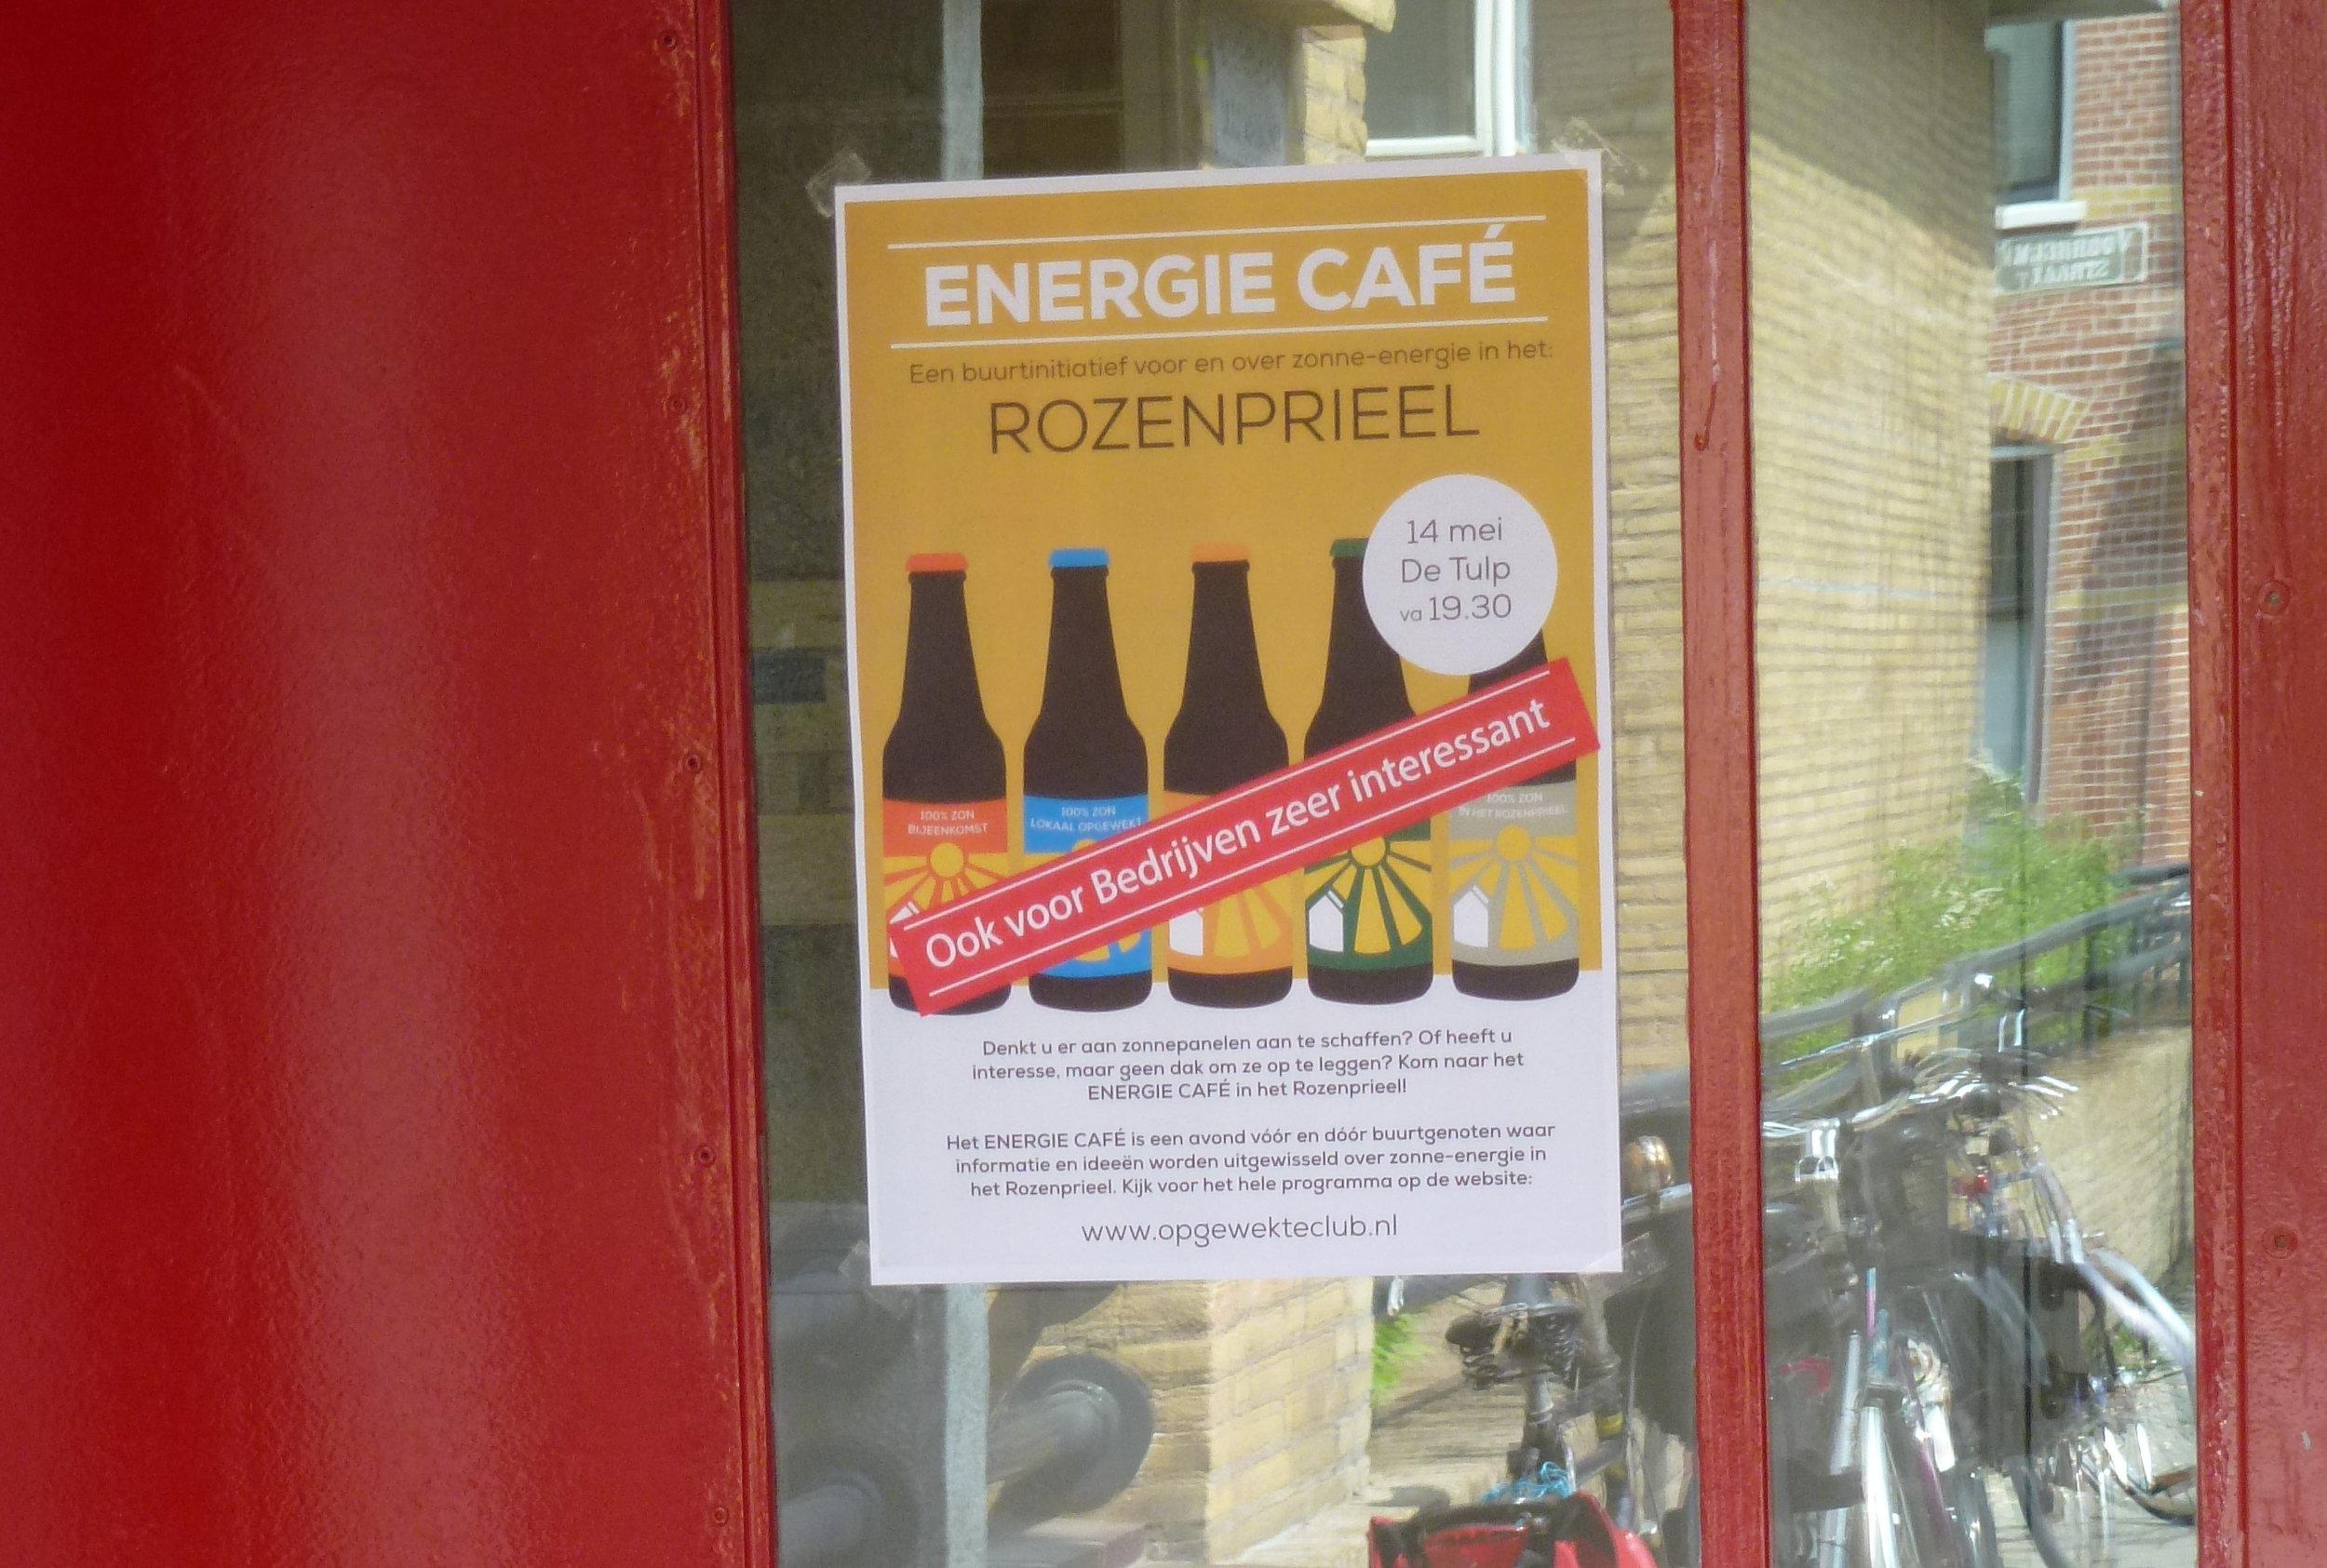 aankondiging energie cafe